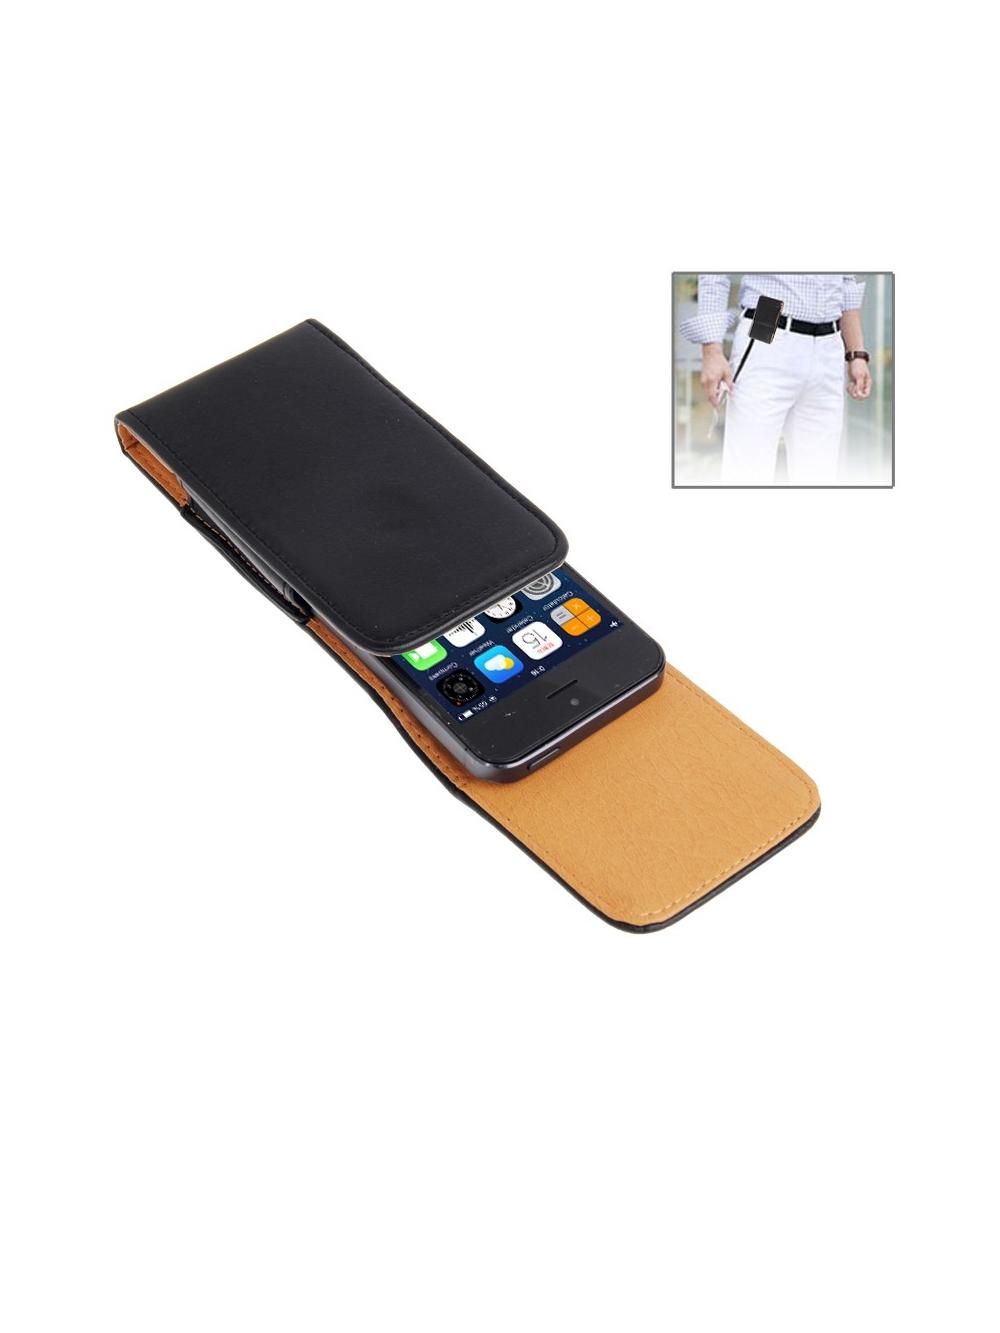 Kožené púzdro na opasok pre iPhone 5 5S 5C 4S 4 3GS  2366a5da76e